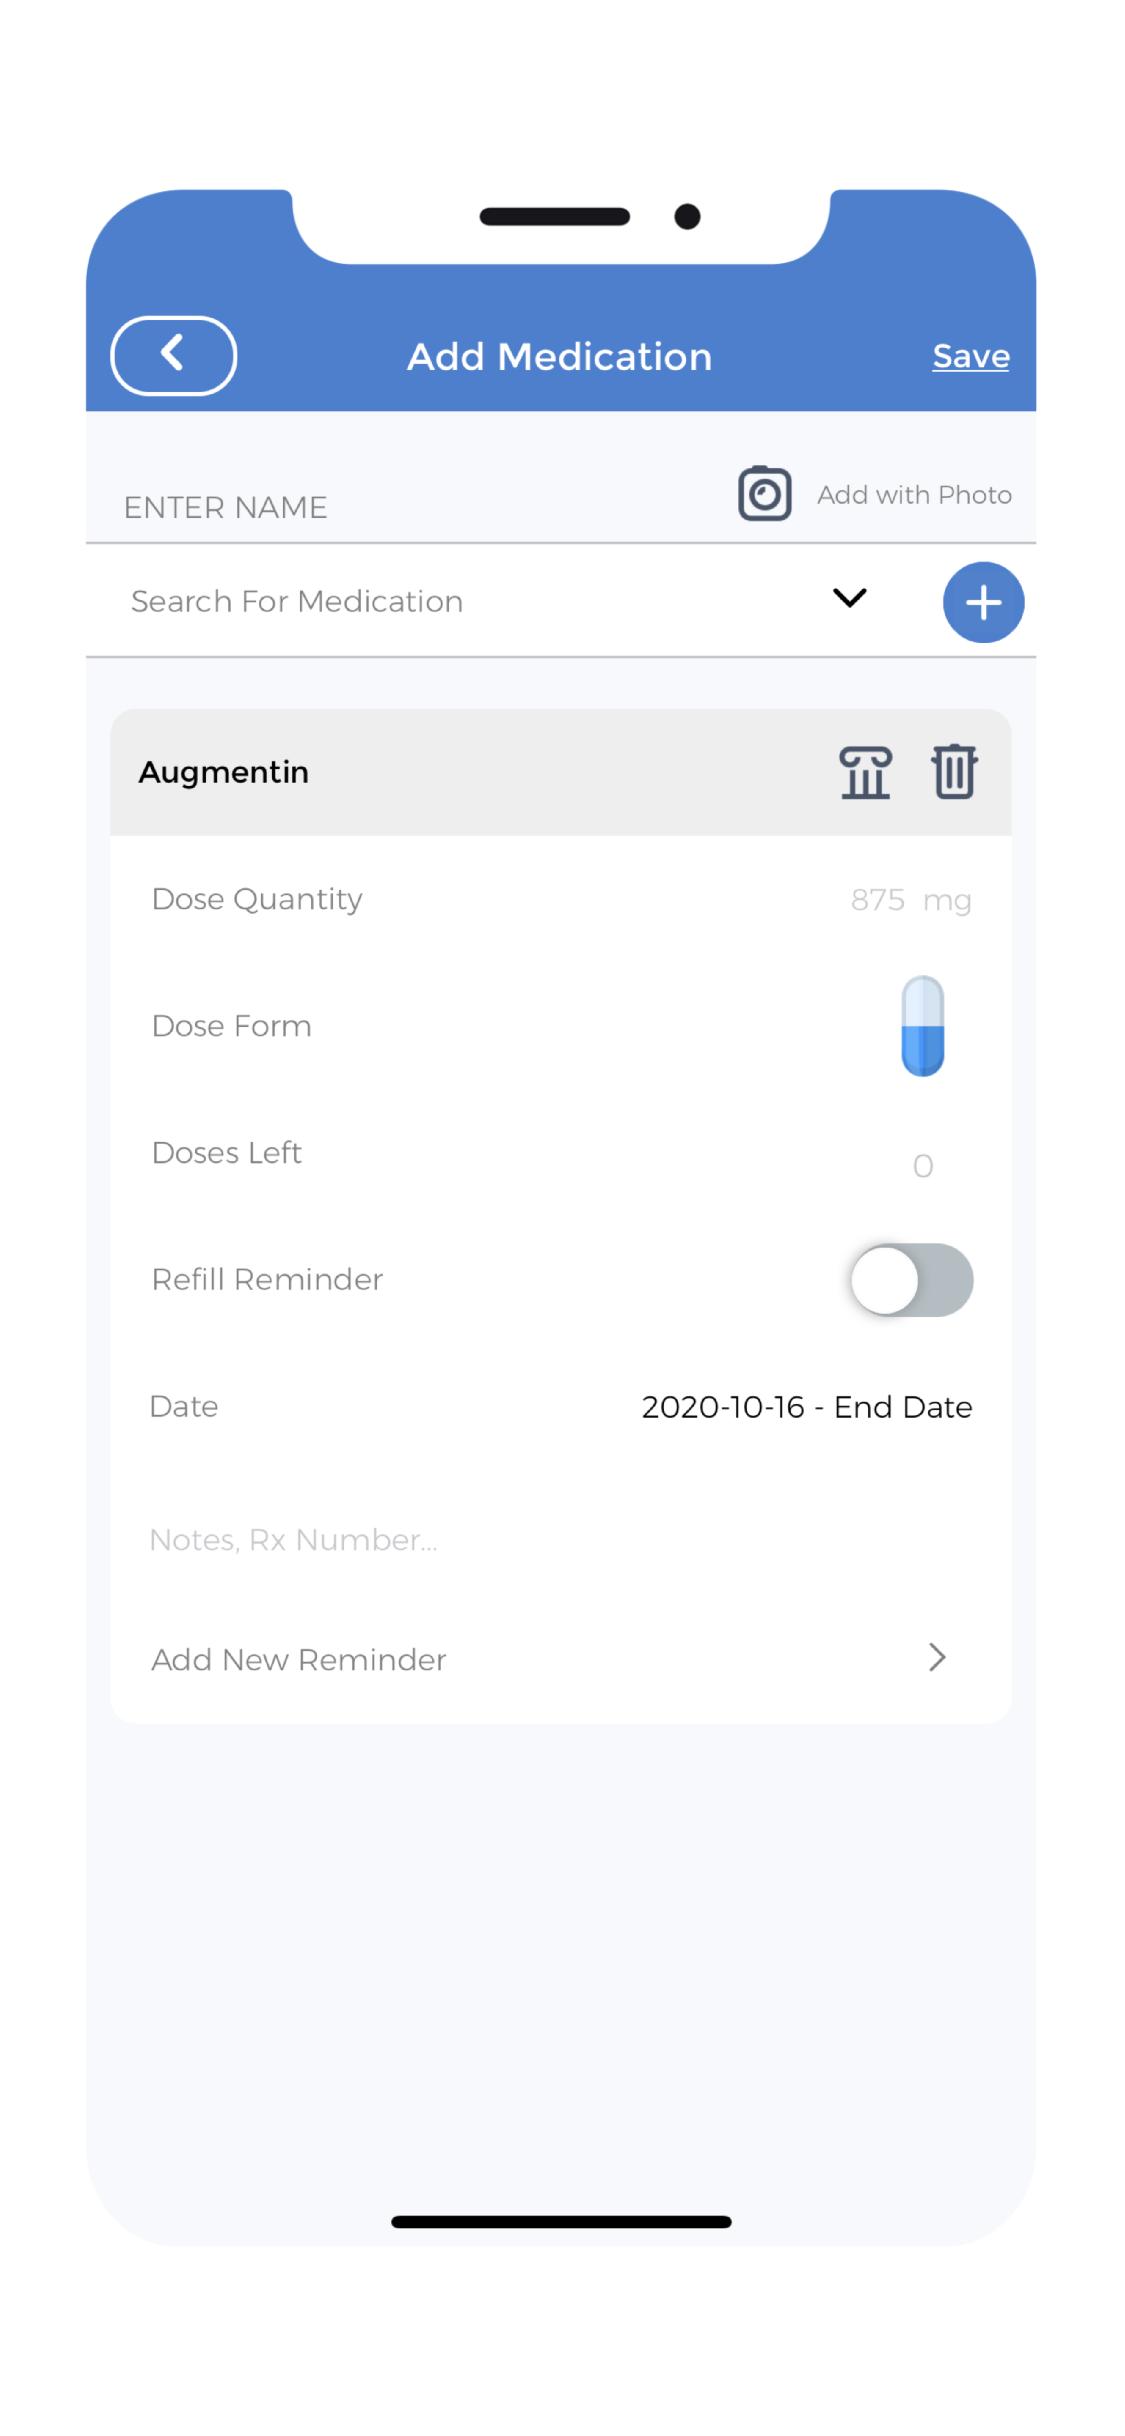 Pill Tracker App - Add Medication